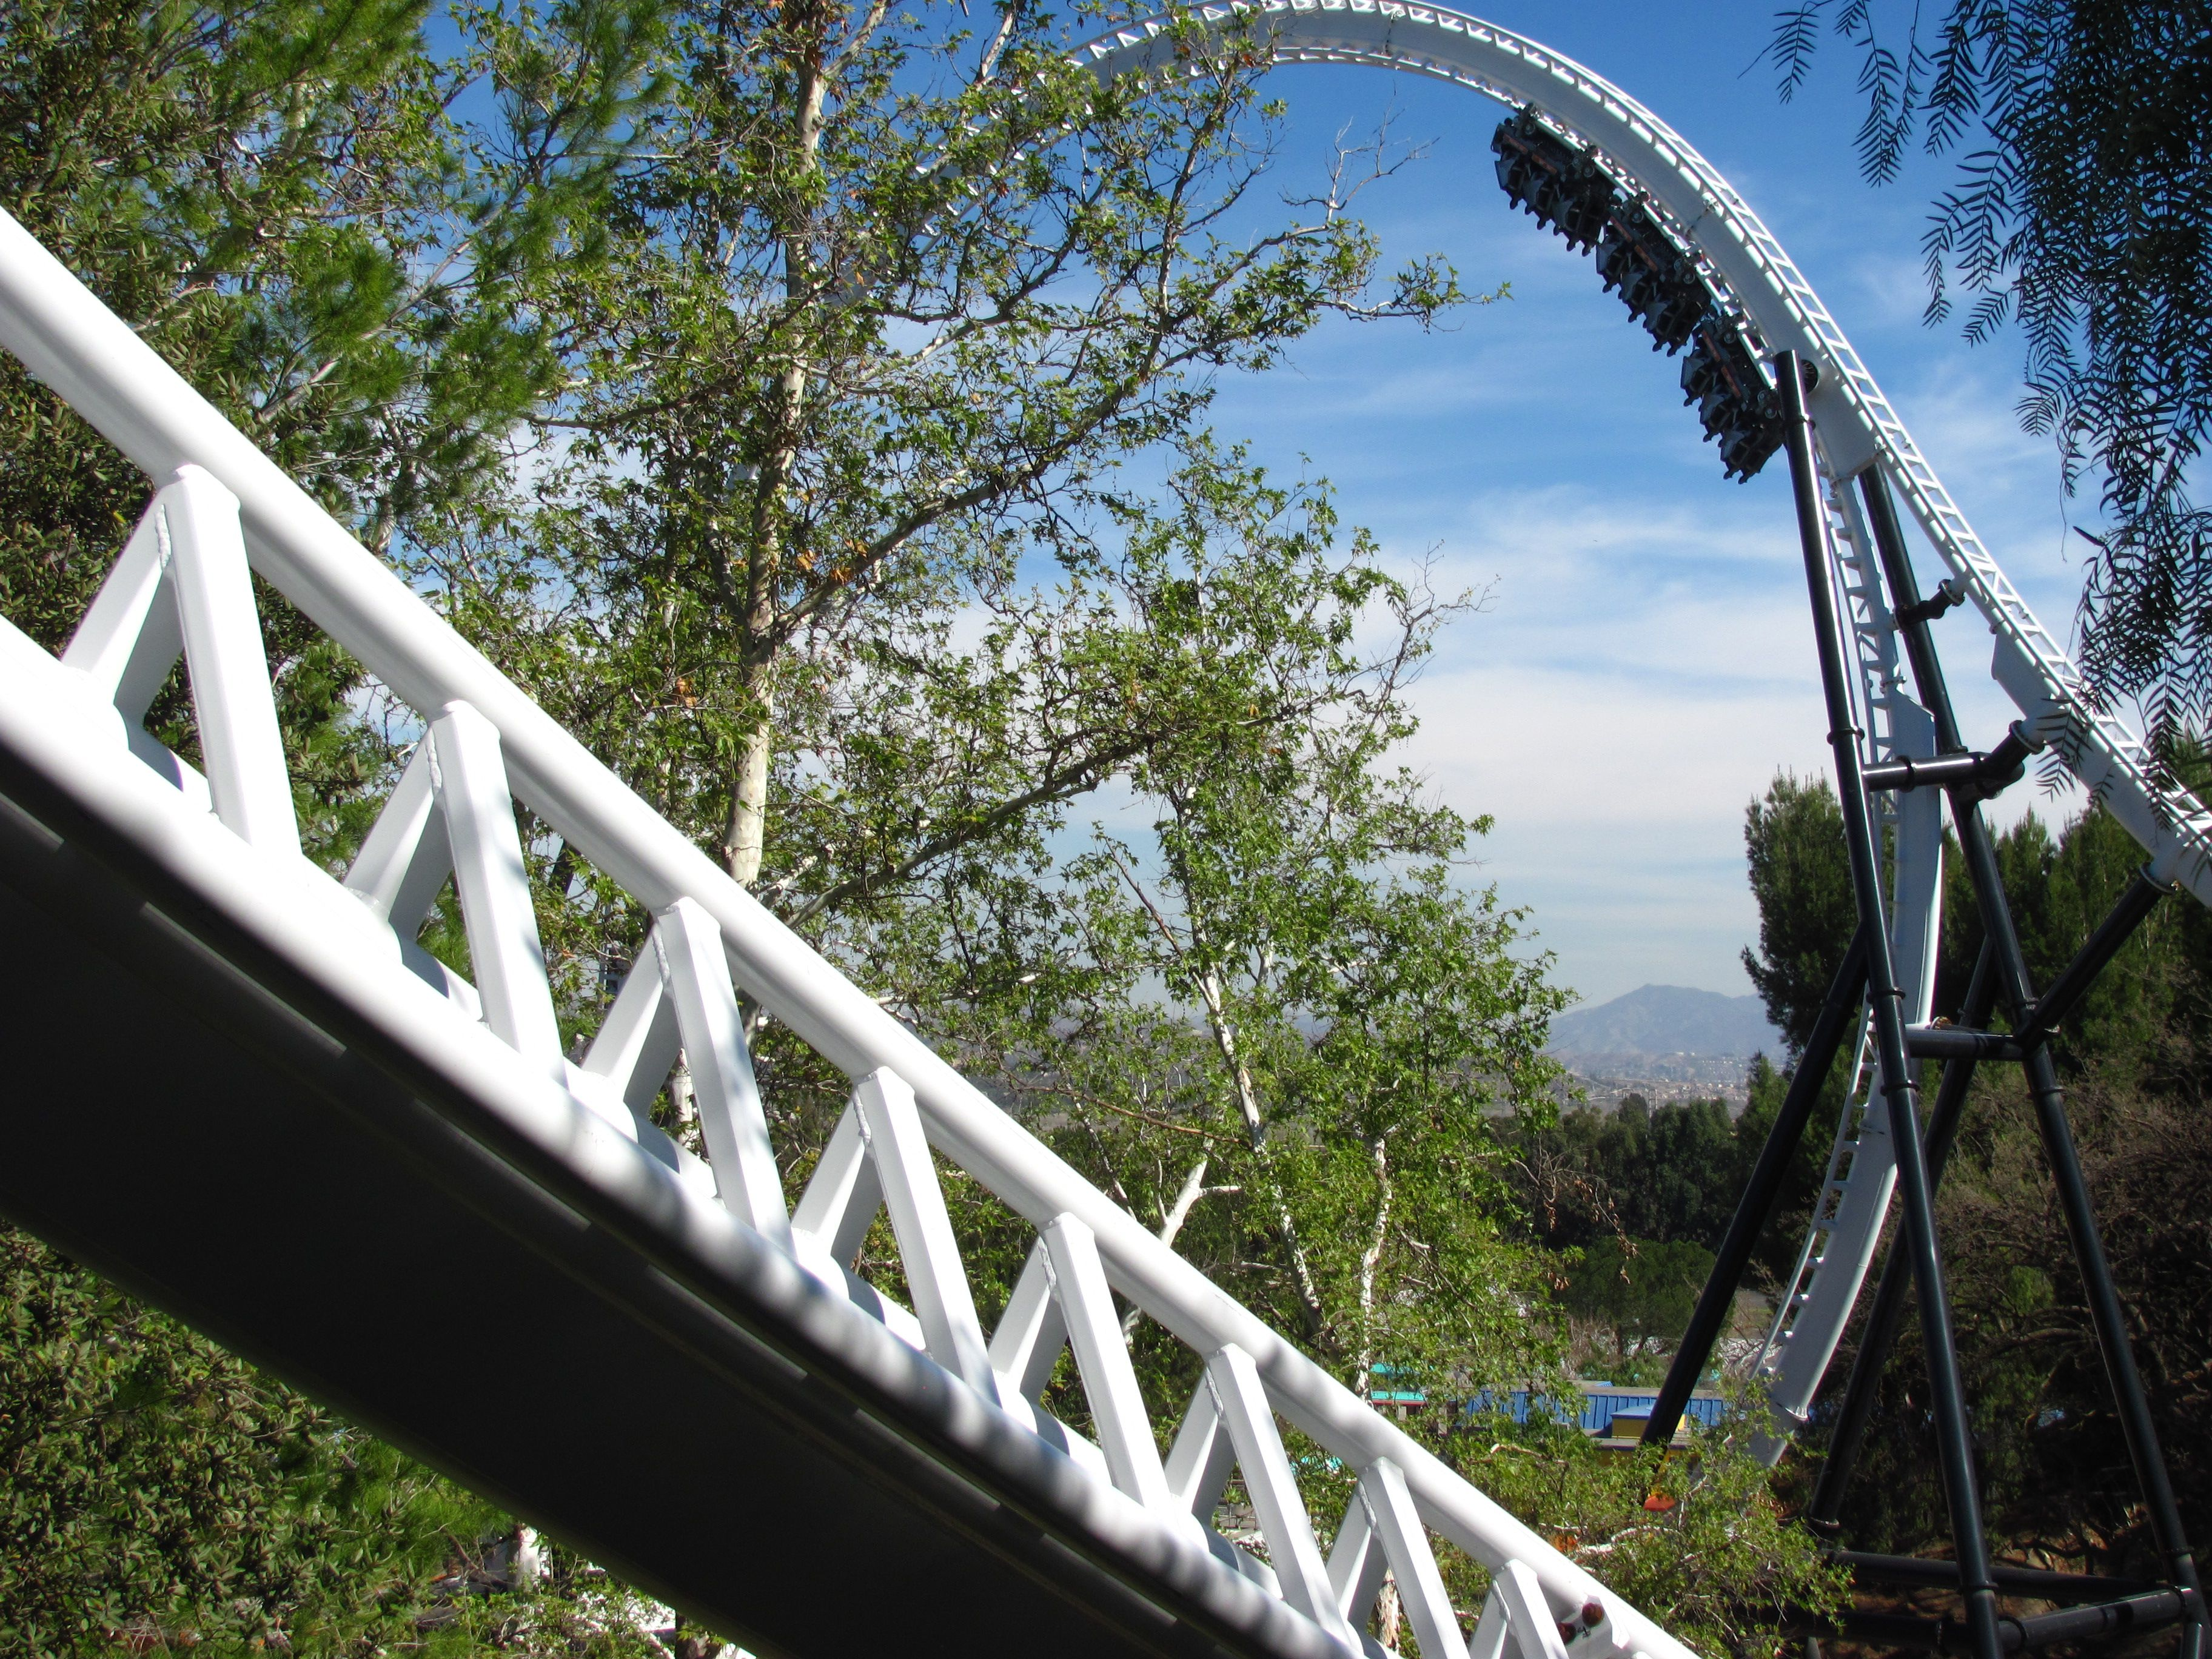 Full Throttle montaña rusa en Six Flags Magic Mountain